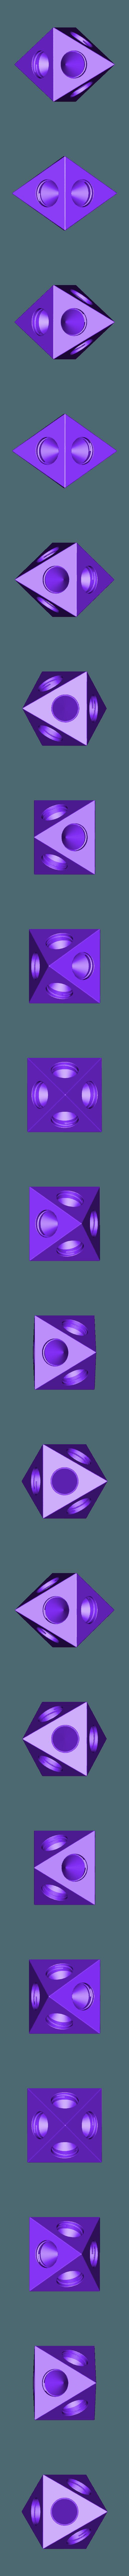 OctahedronCaps.stl Télécharger fichier STL gratuit Gatorade Bottle Project : De l'octaèdre au cube / hexagone ou vice versa, les duos de Platon • Objet pour impression 3D, LGBU